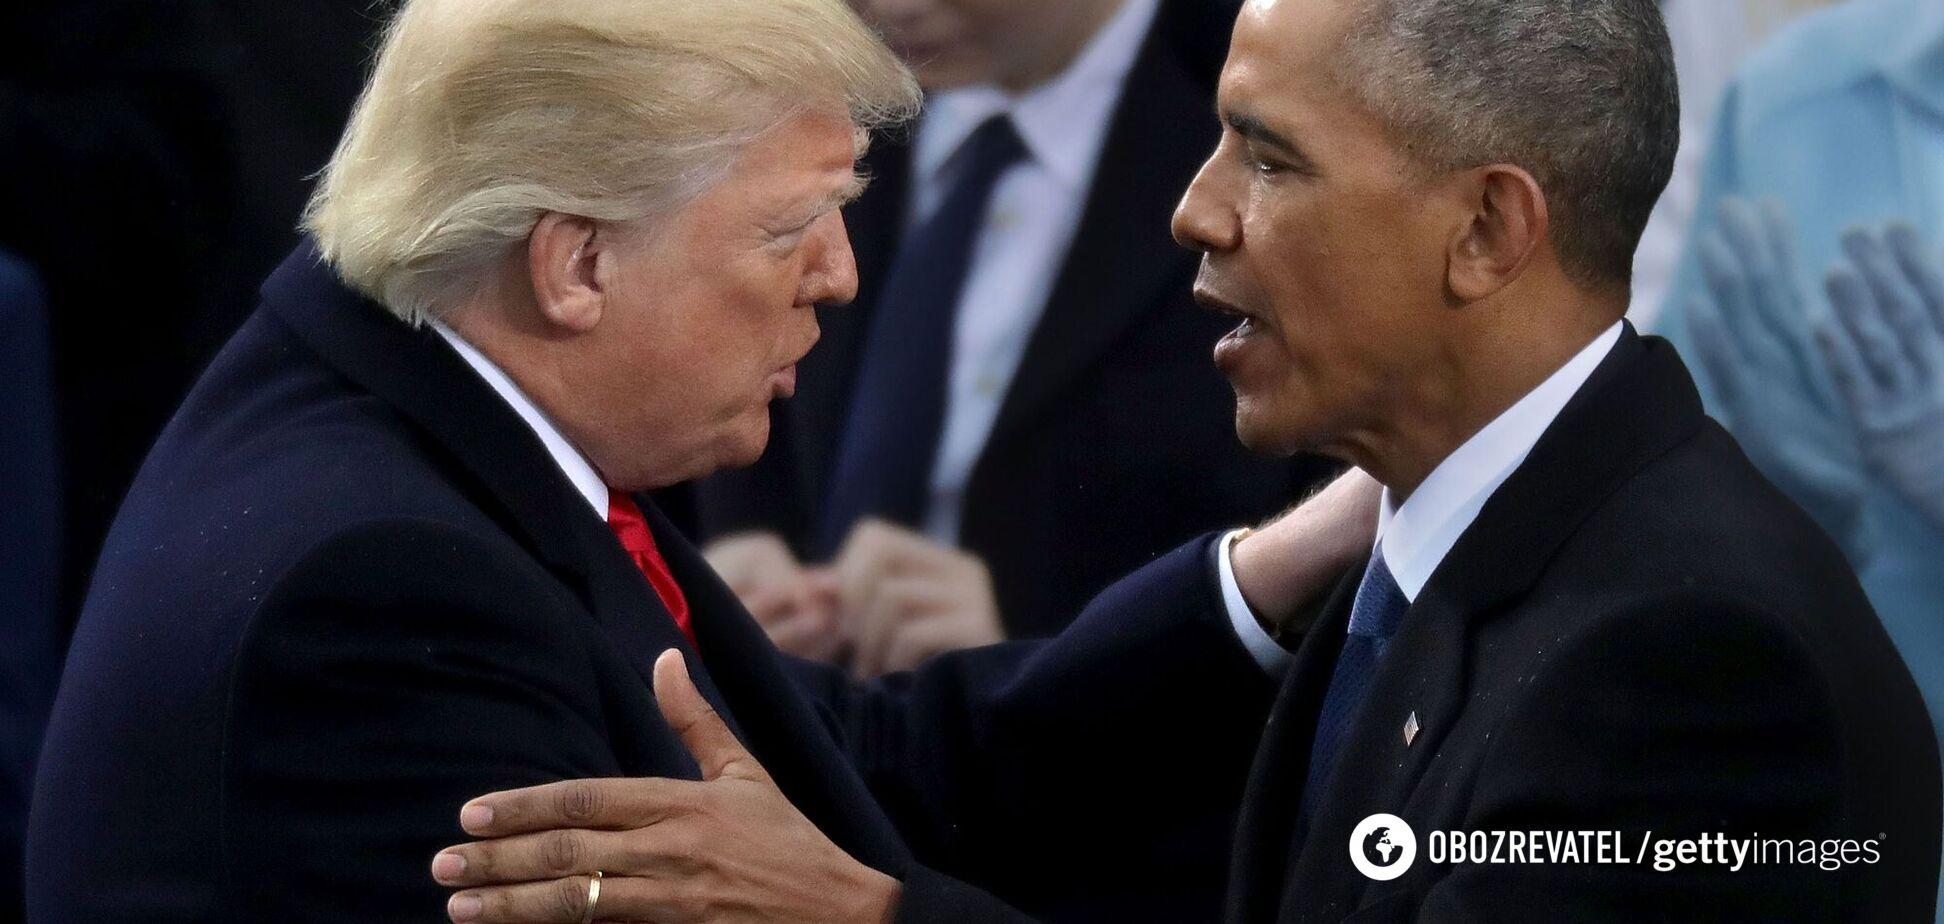 Обама высмеял Трампа из-за неуплаты налогов